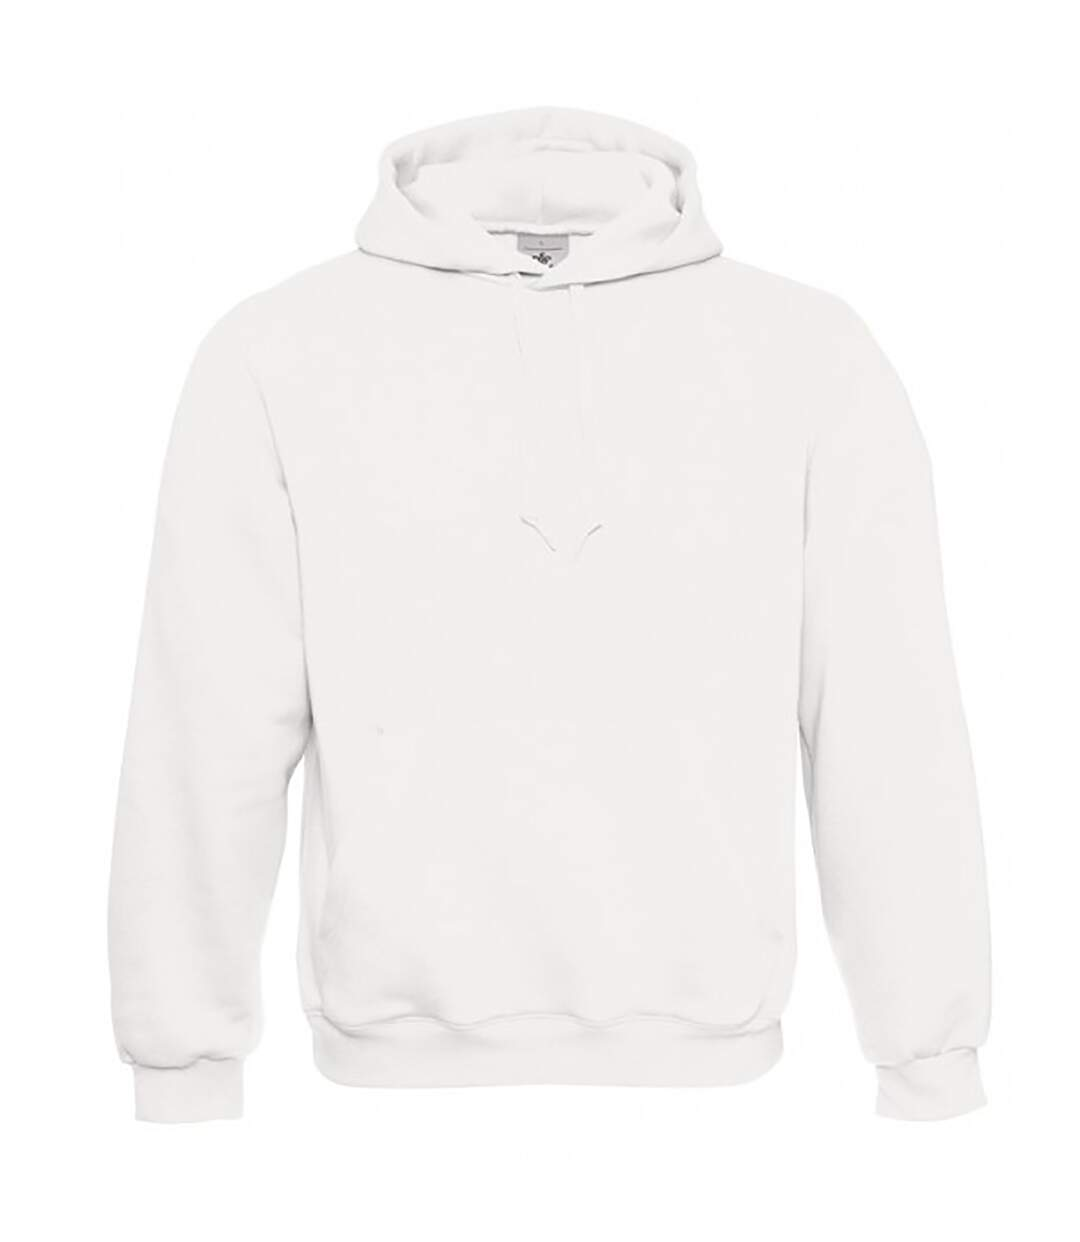 B&C Mens Hooded Sweatshirt / Hoodie (Heather Grey) - UTBC127